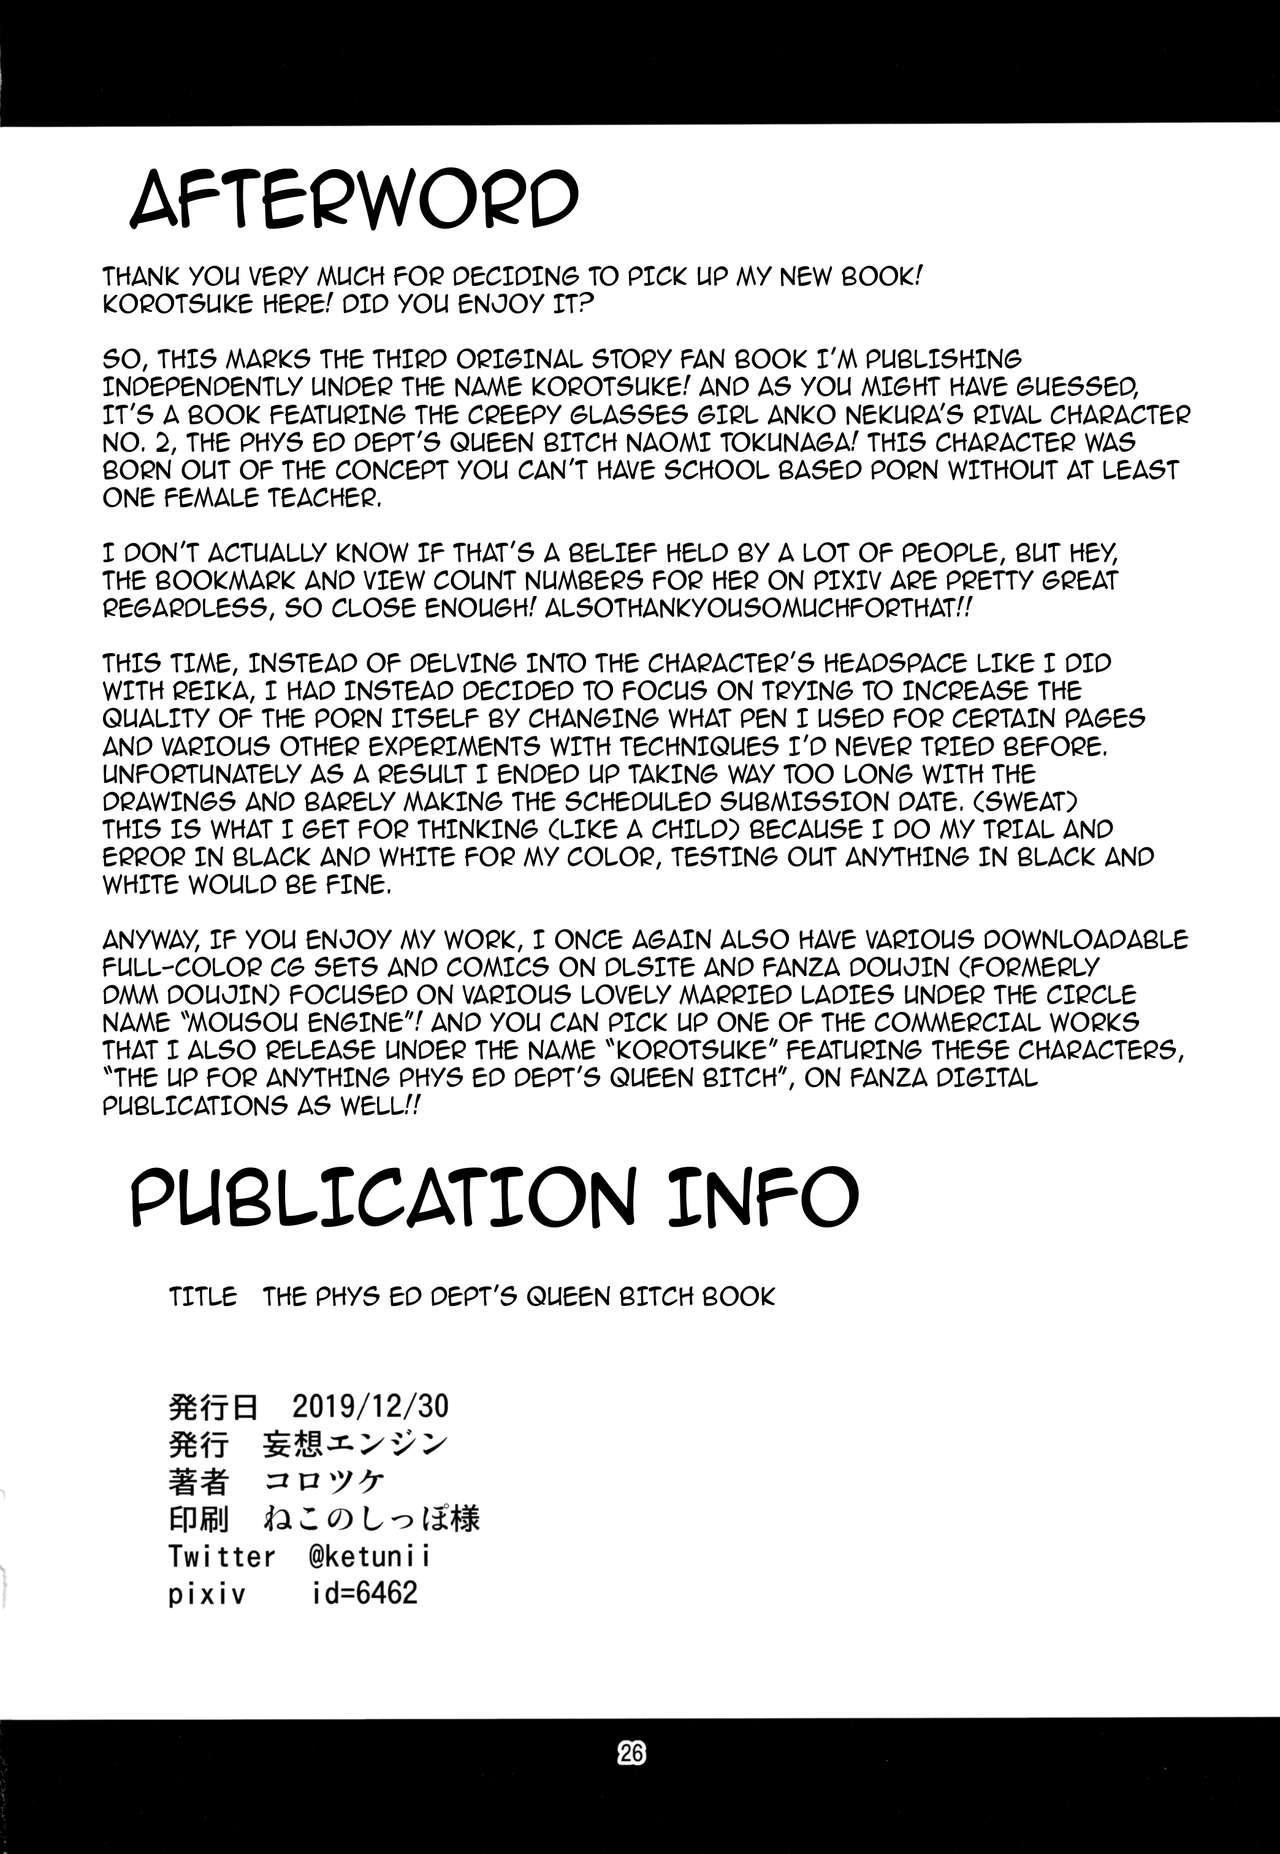 Otsubone Taiiku Kyoushi Mesu no Hon | The Phys Ed Dept's Queen Bitch Book 24